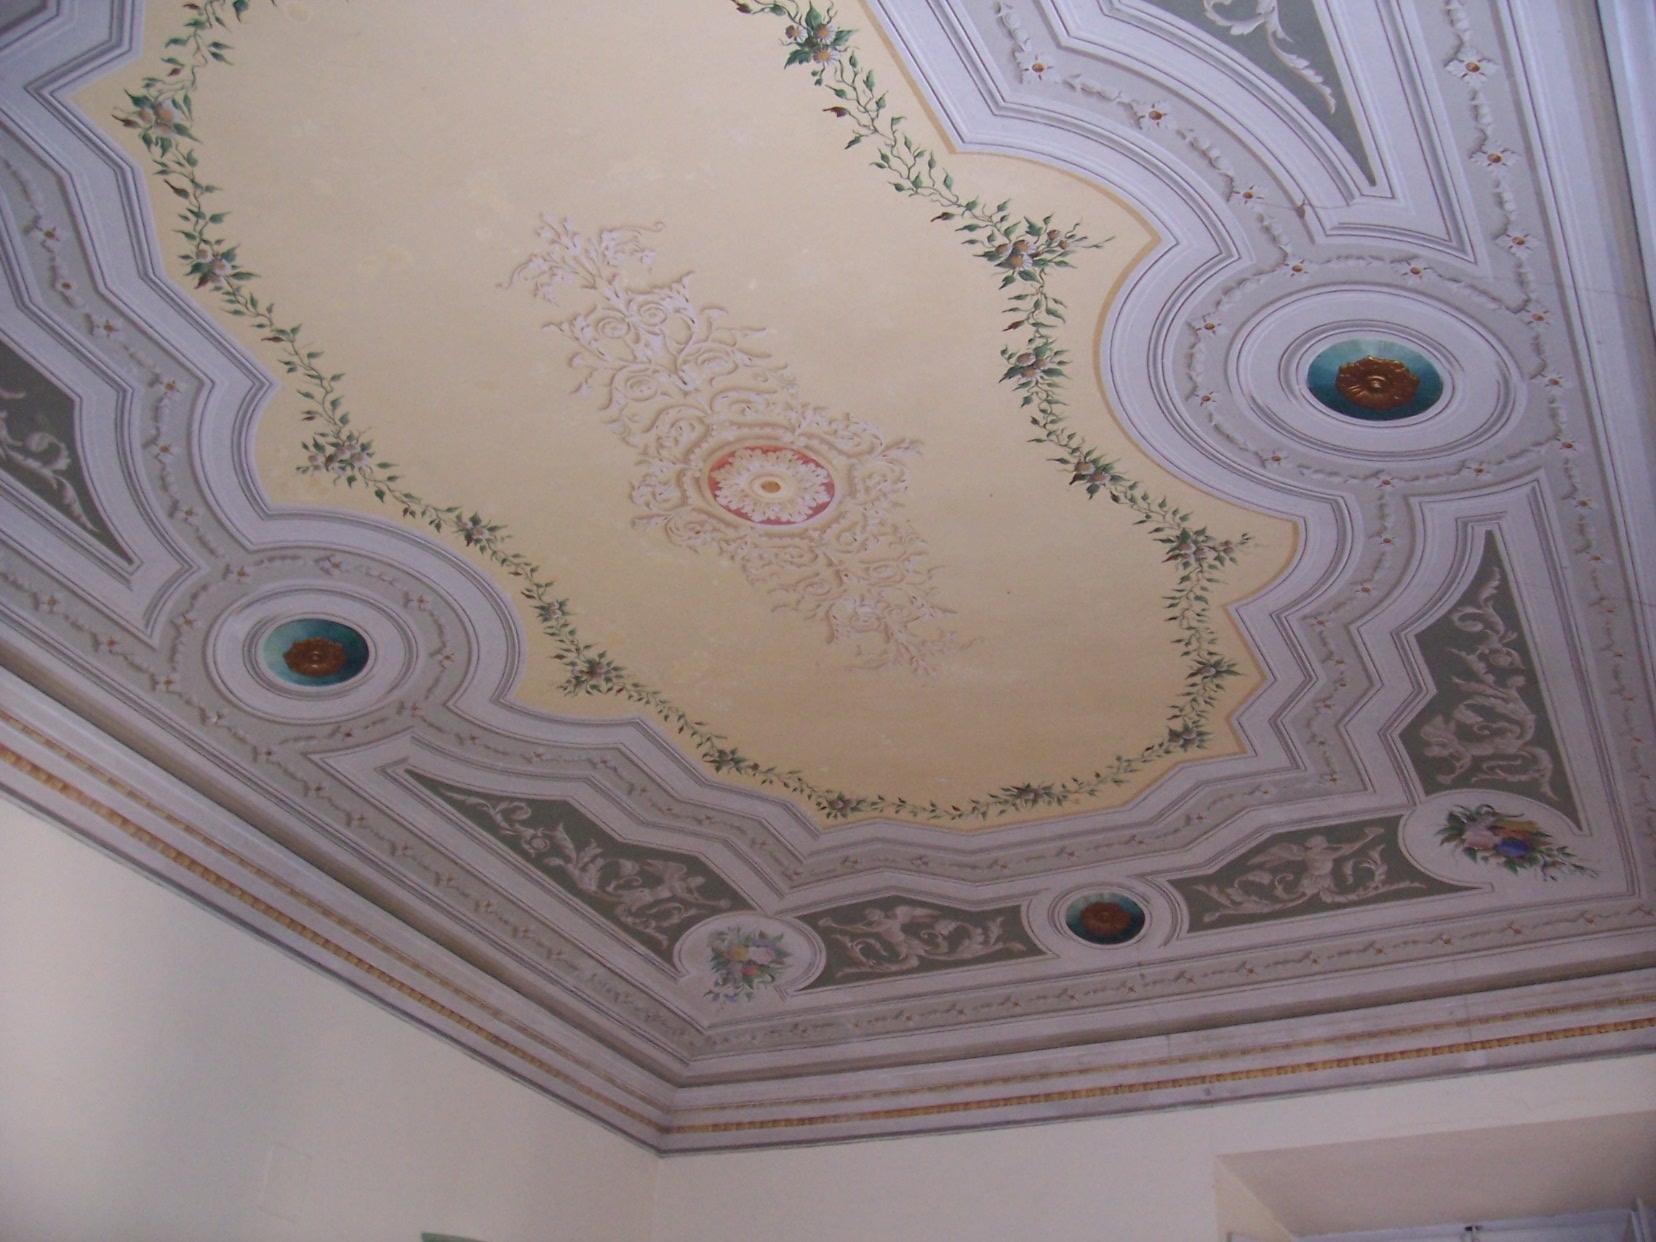 Appartamento in affitto a Ascoli Piceno, 5 locali, zona Località: CentroStorico, prezzo € 750 | CambioCasa.it